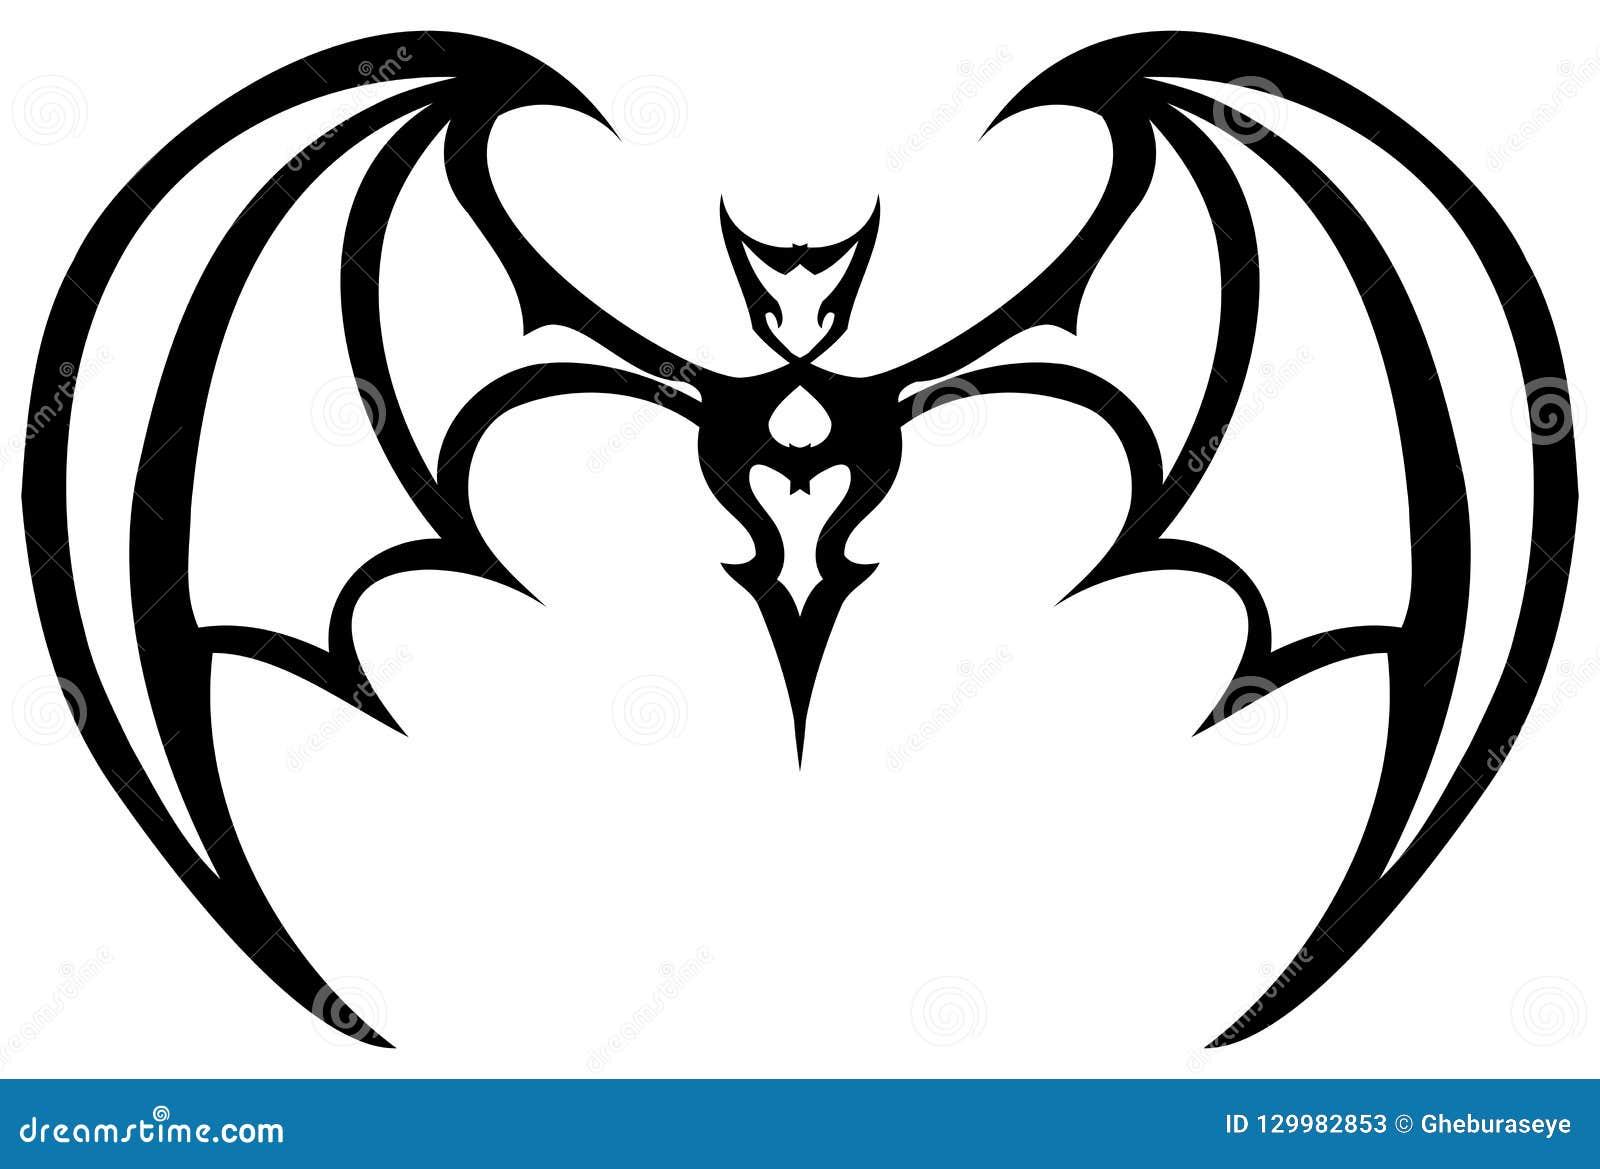 Isolated black and white stylized bat